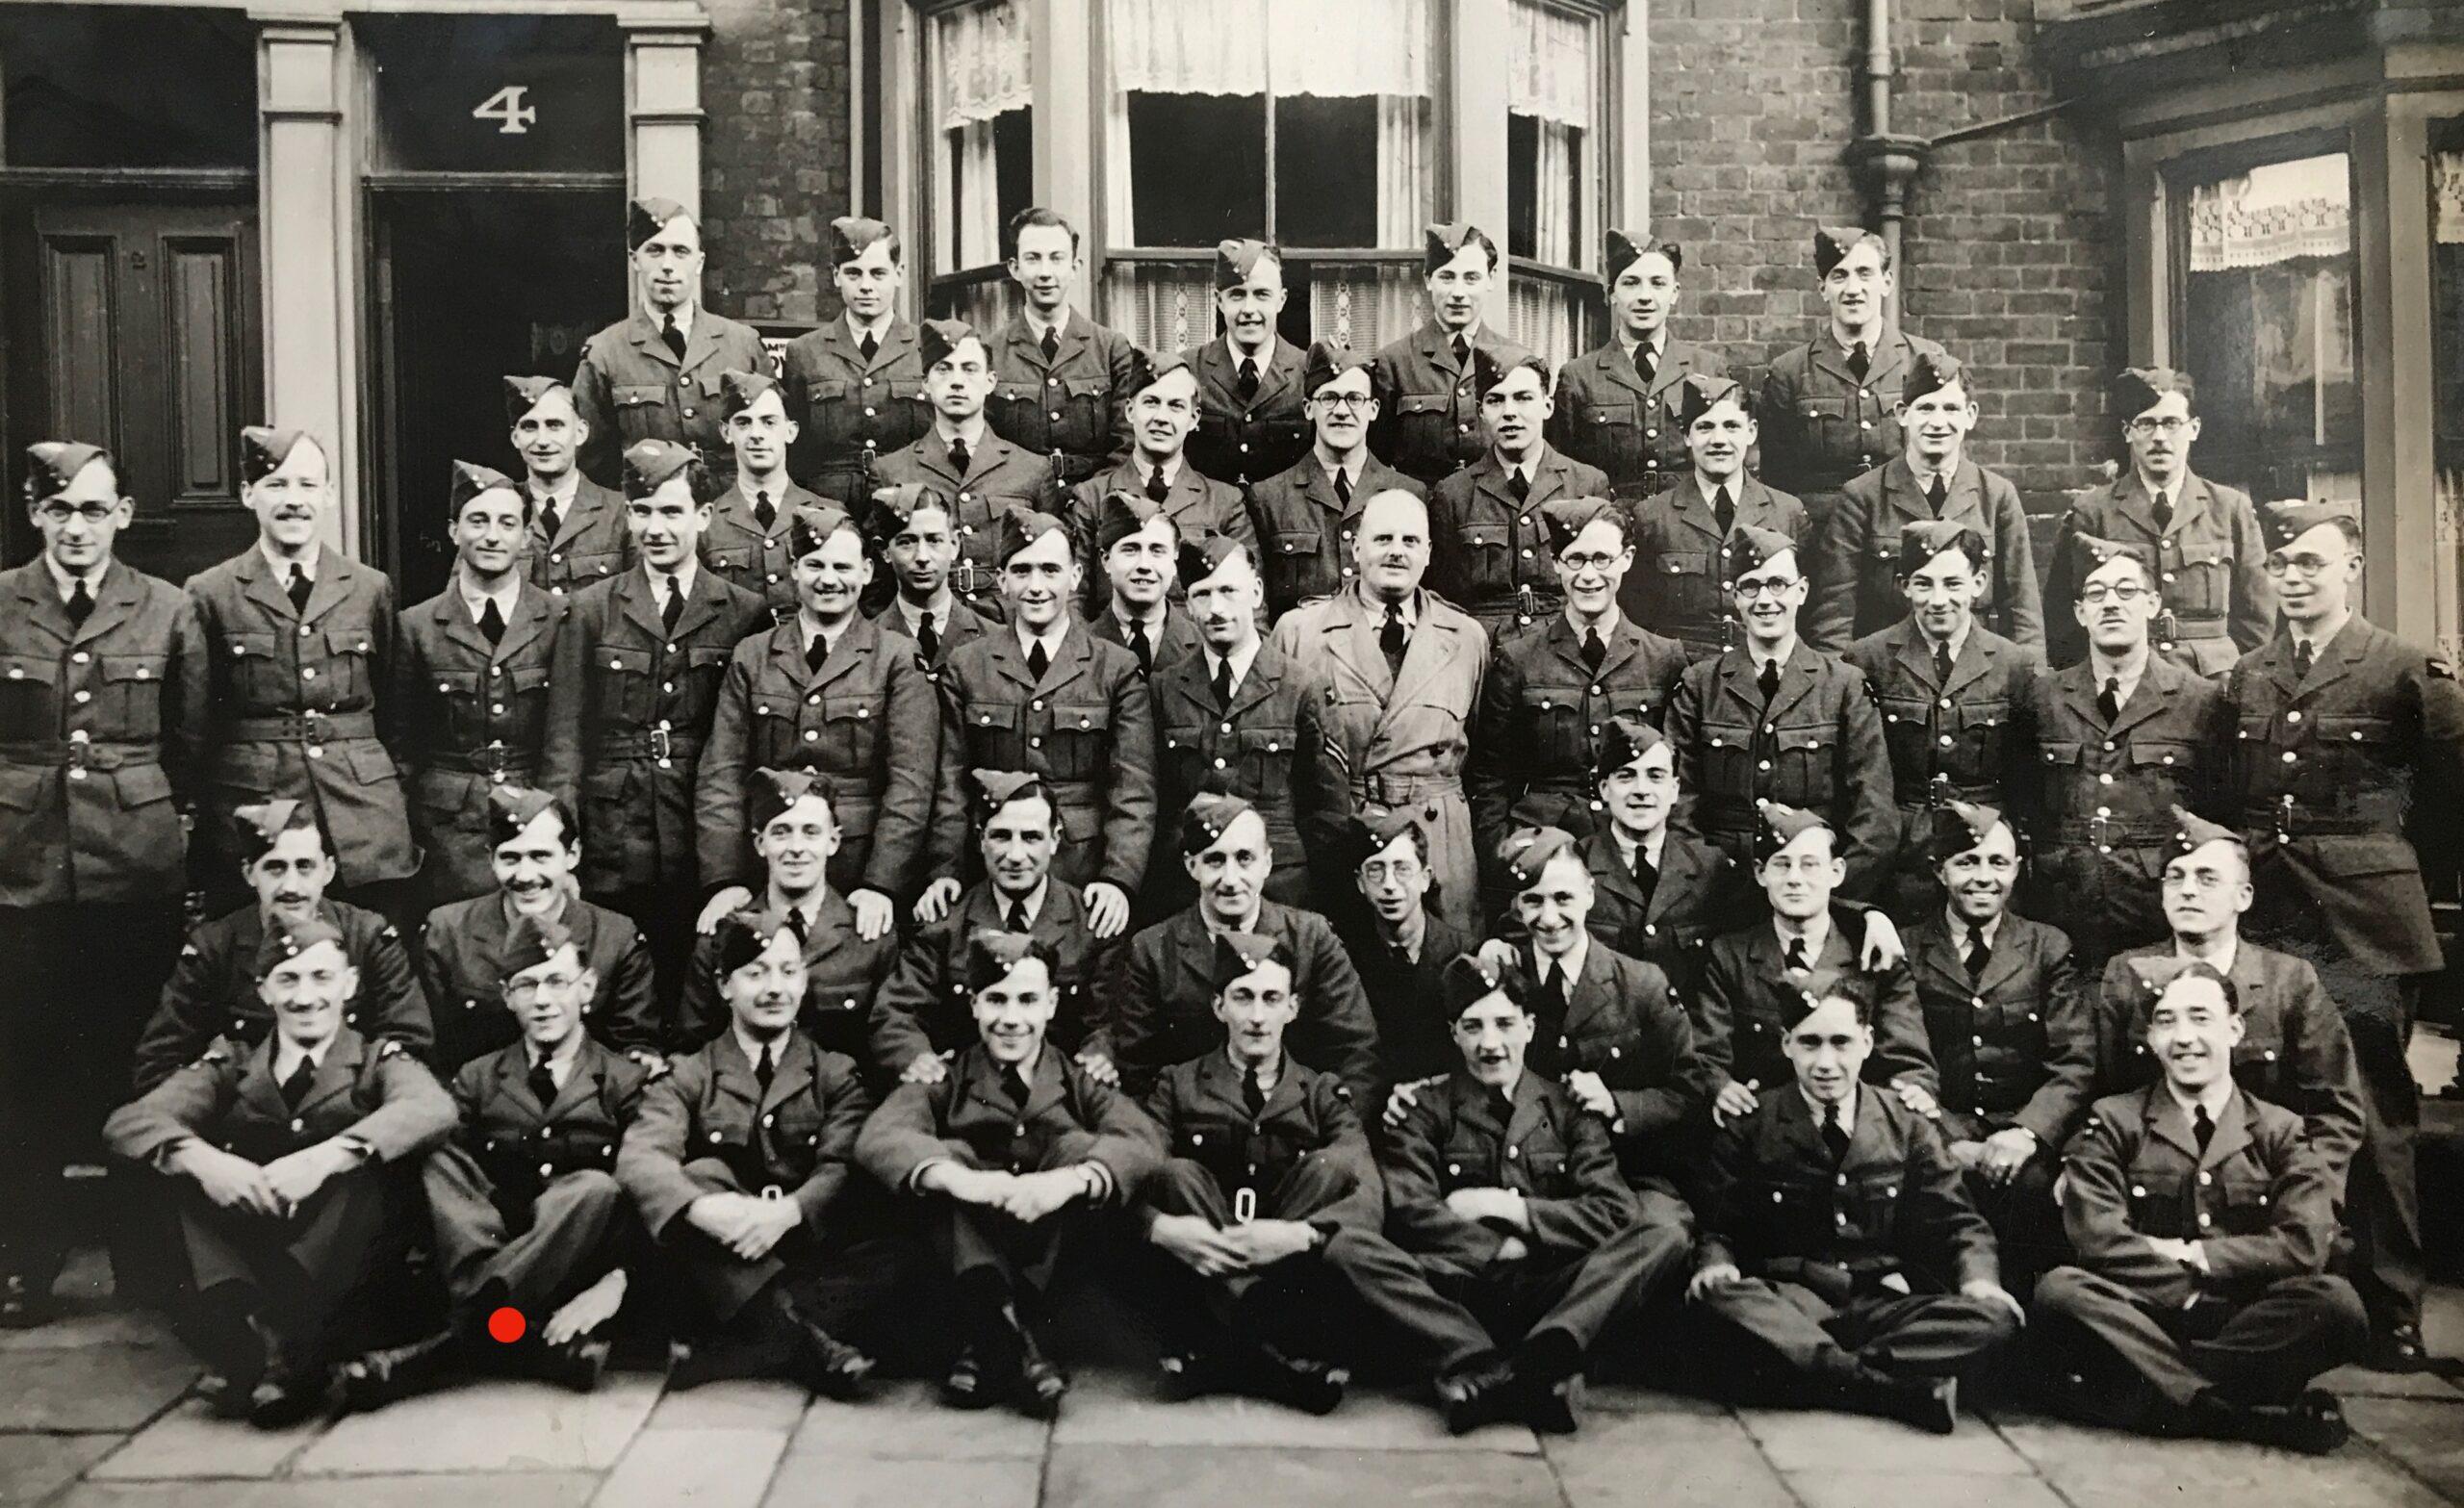 RAF trainees at Blackppol, 1940